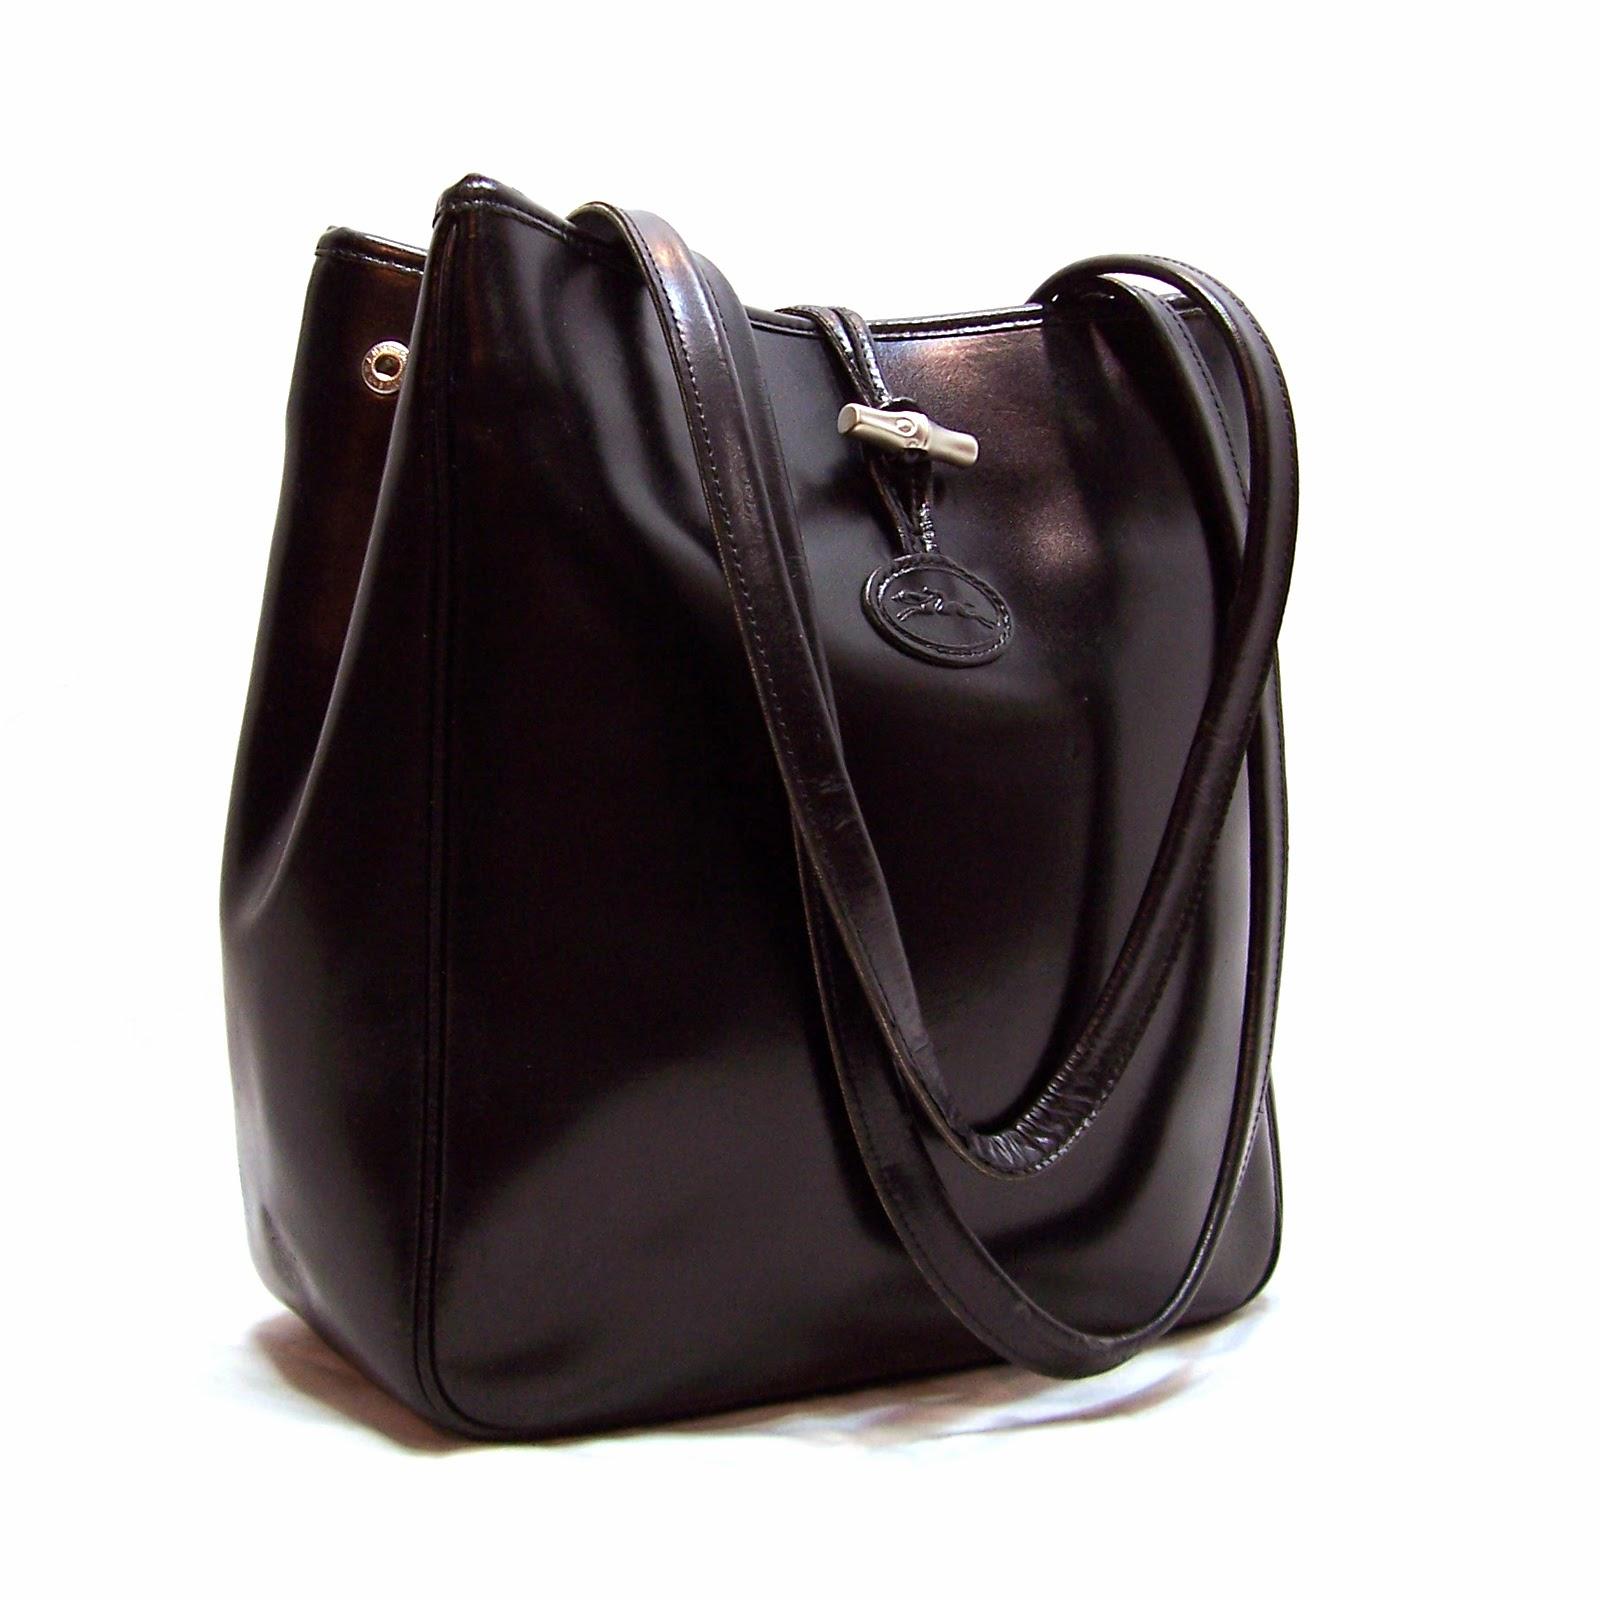 d0f6f8bf5ec8 Longchamp Roseau Large Tote Black Leather Shoulder Bag ...